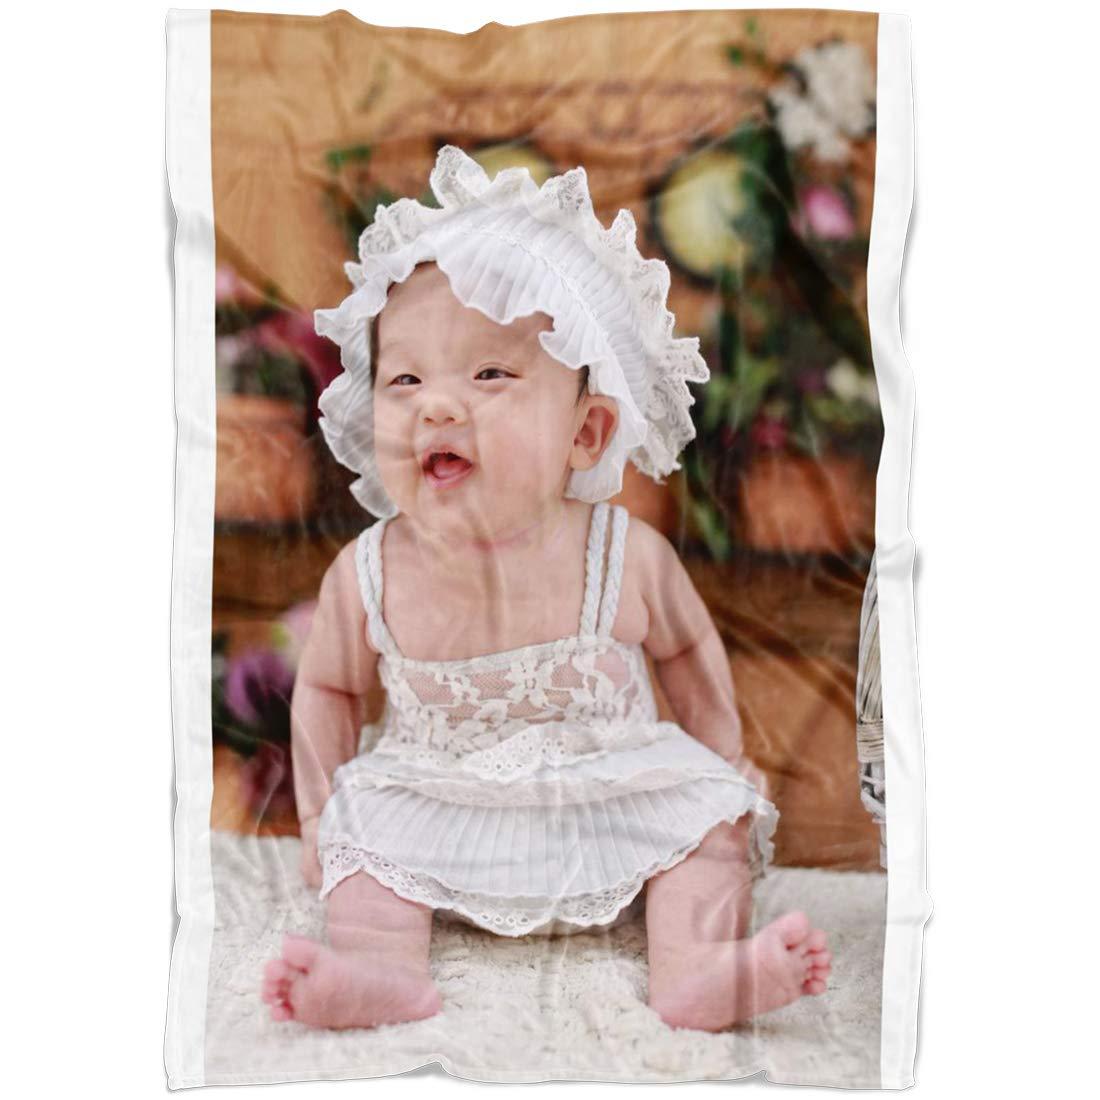 スローブランケット フルカラー 写真からのカスタム Baby。 フリースブランケット スーパーソフト B07L1LQ3P3 赤ちゃん&大人用 ウェディングギフトに最適 A1 Fleece Tall Baby 30